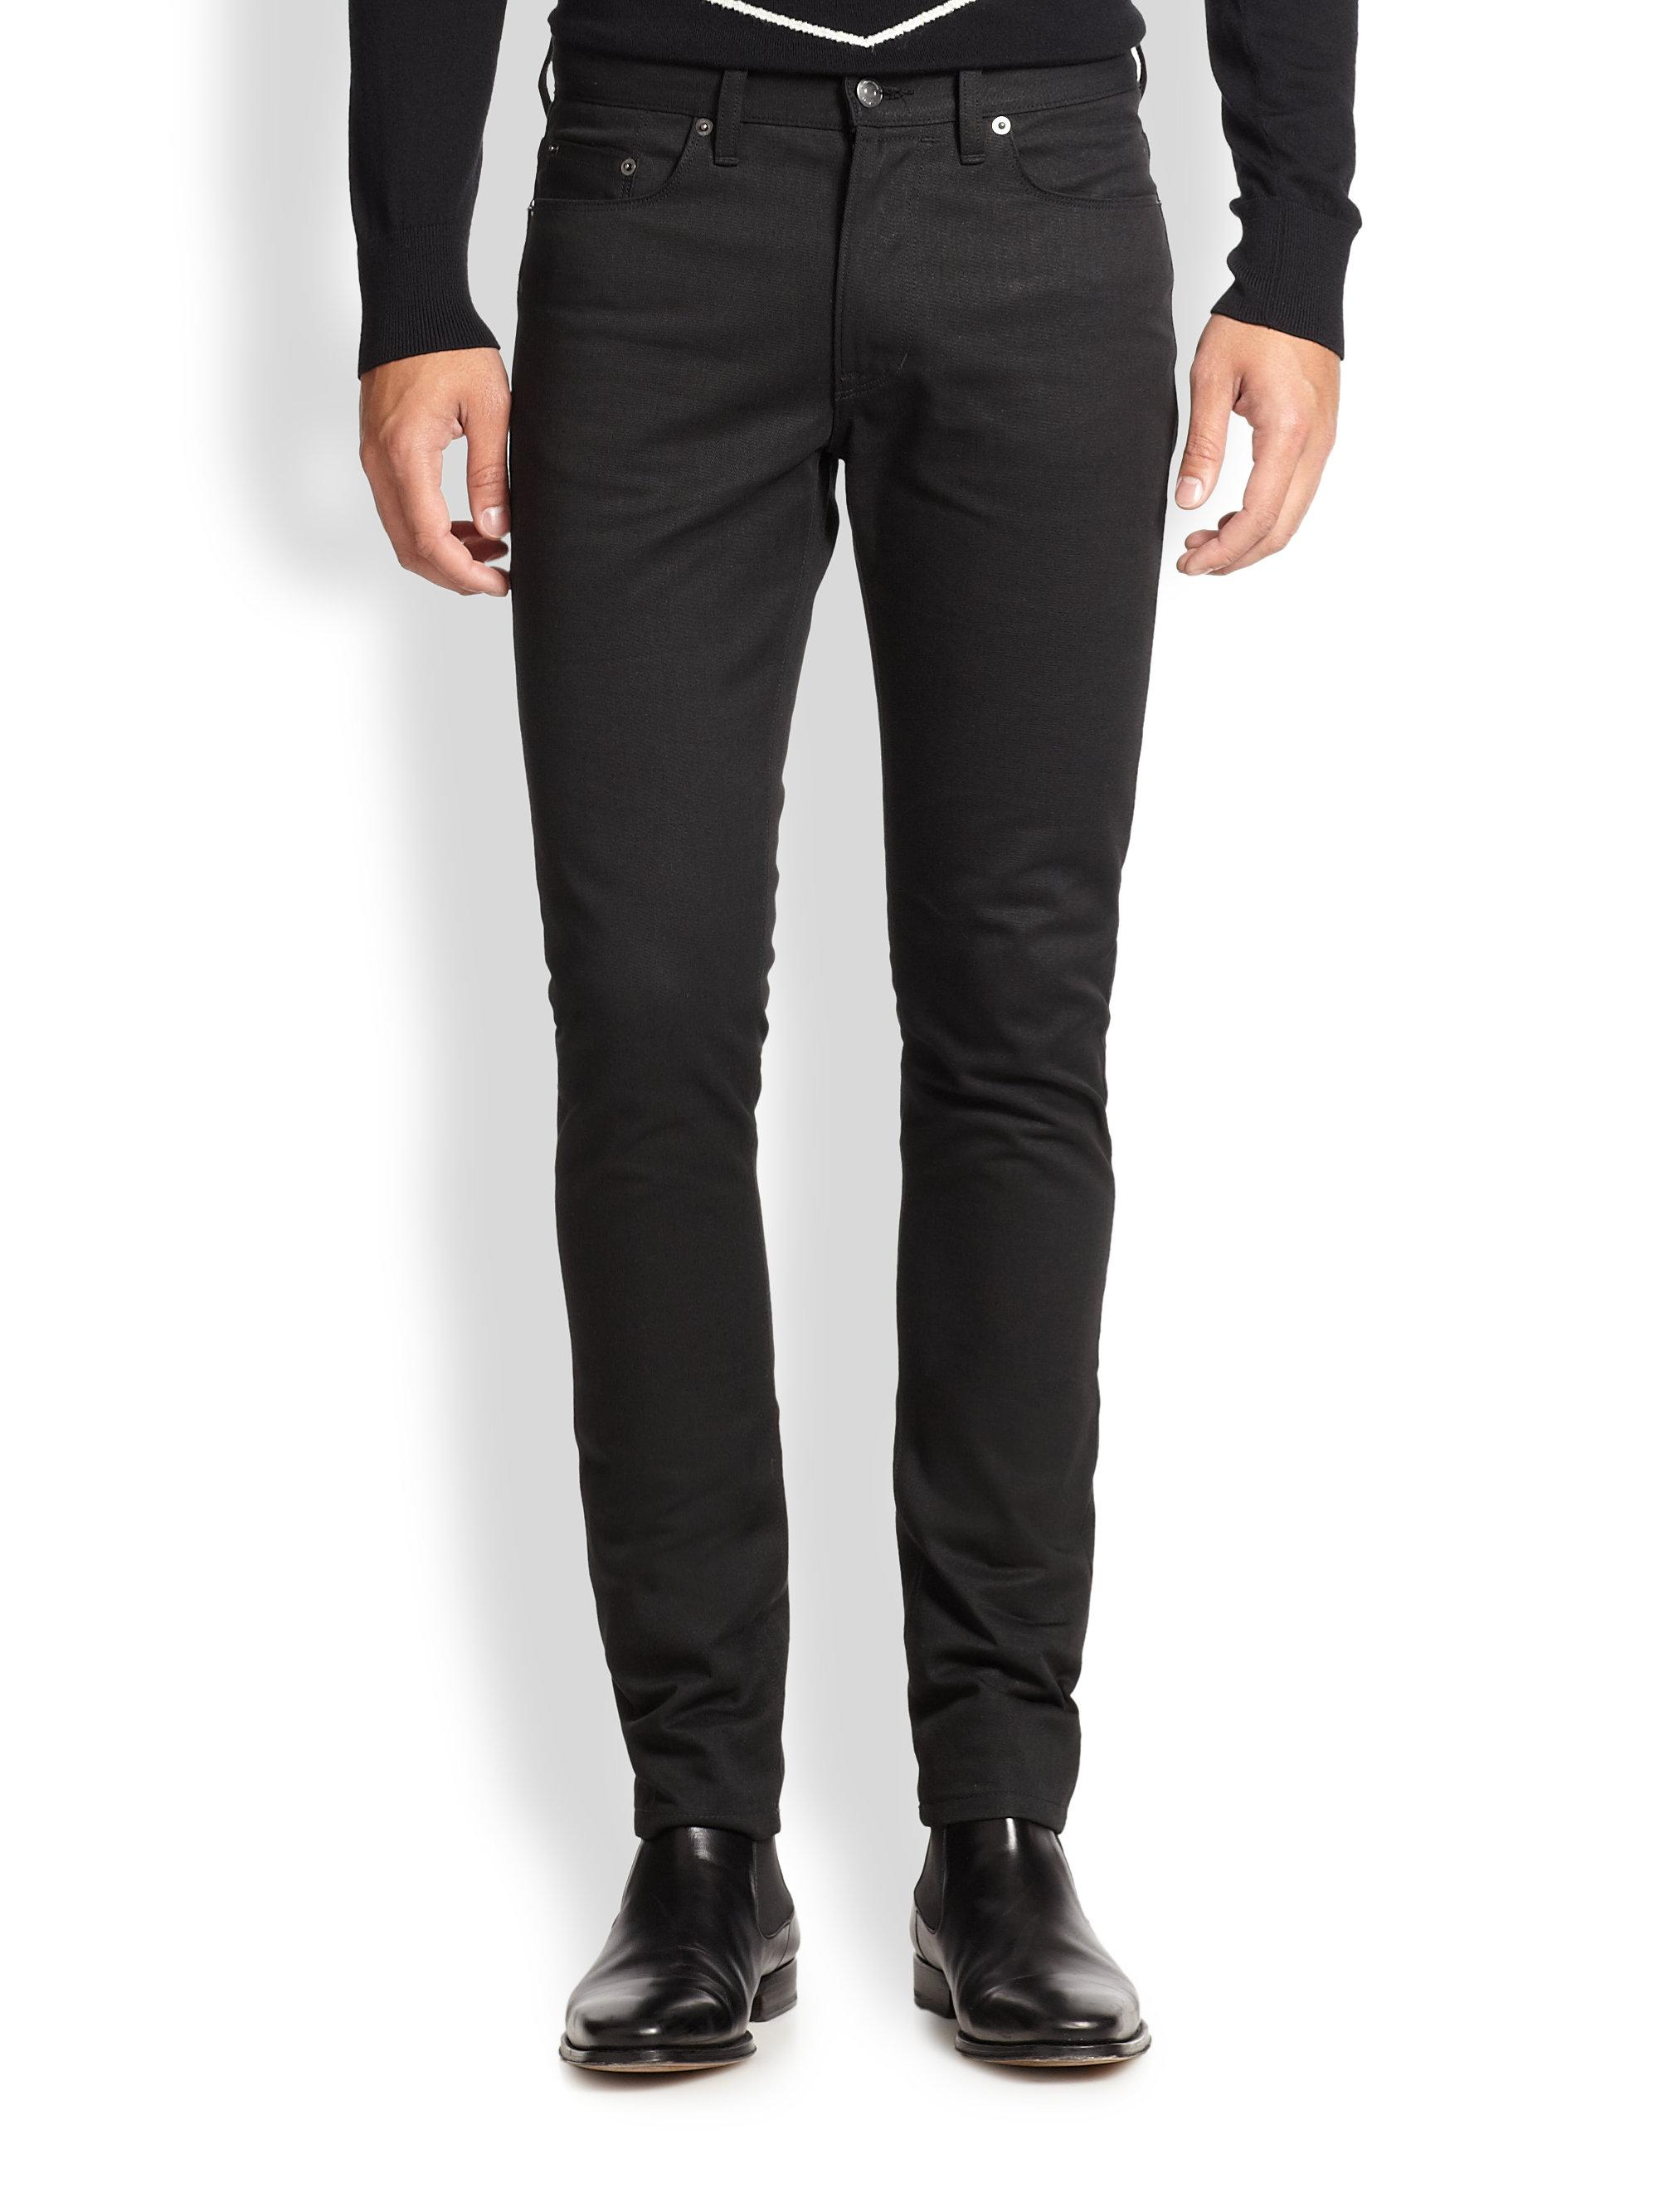 kent curwen slim fit jeans in black for men lyst. Black Bedroom Furniture Sets. Home Design Ideas